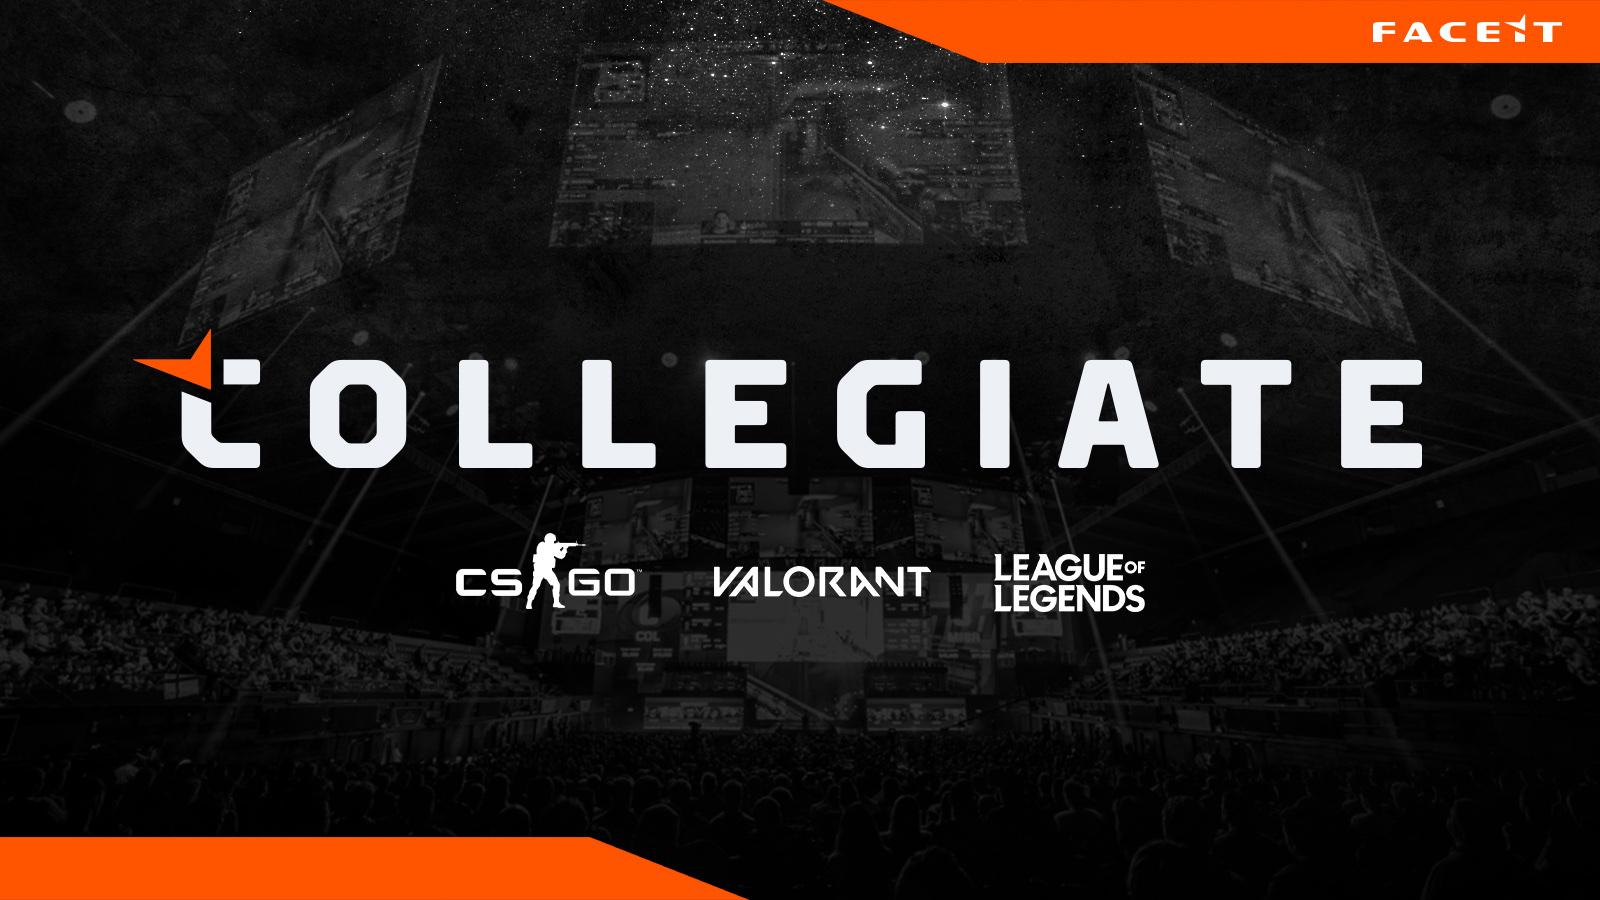 FACEIT announces suite of collegiate esports offerings